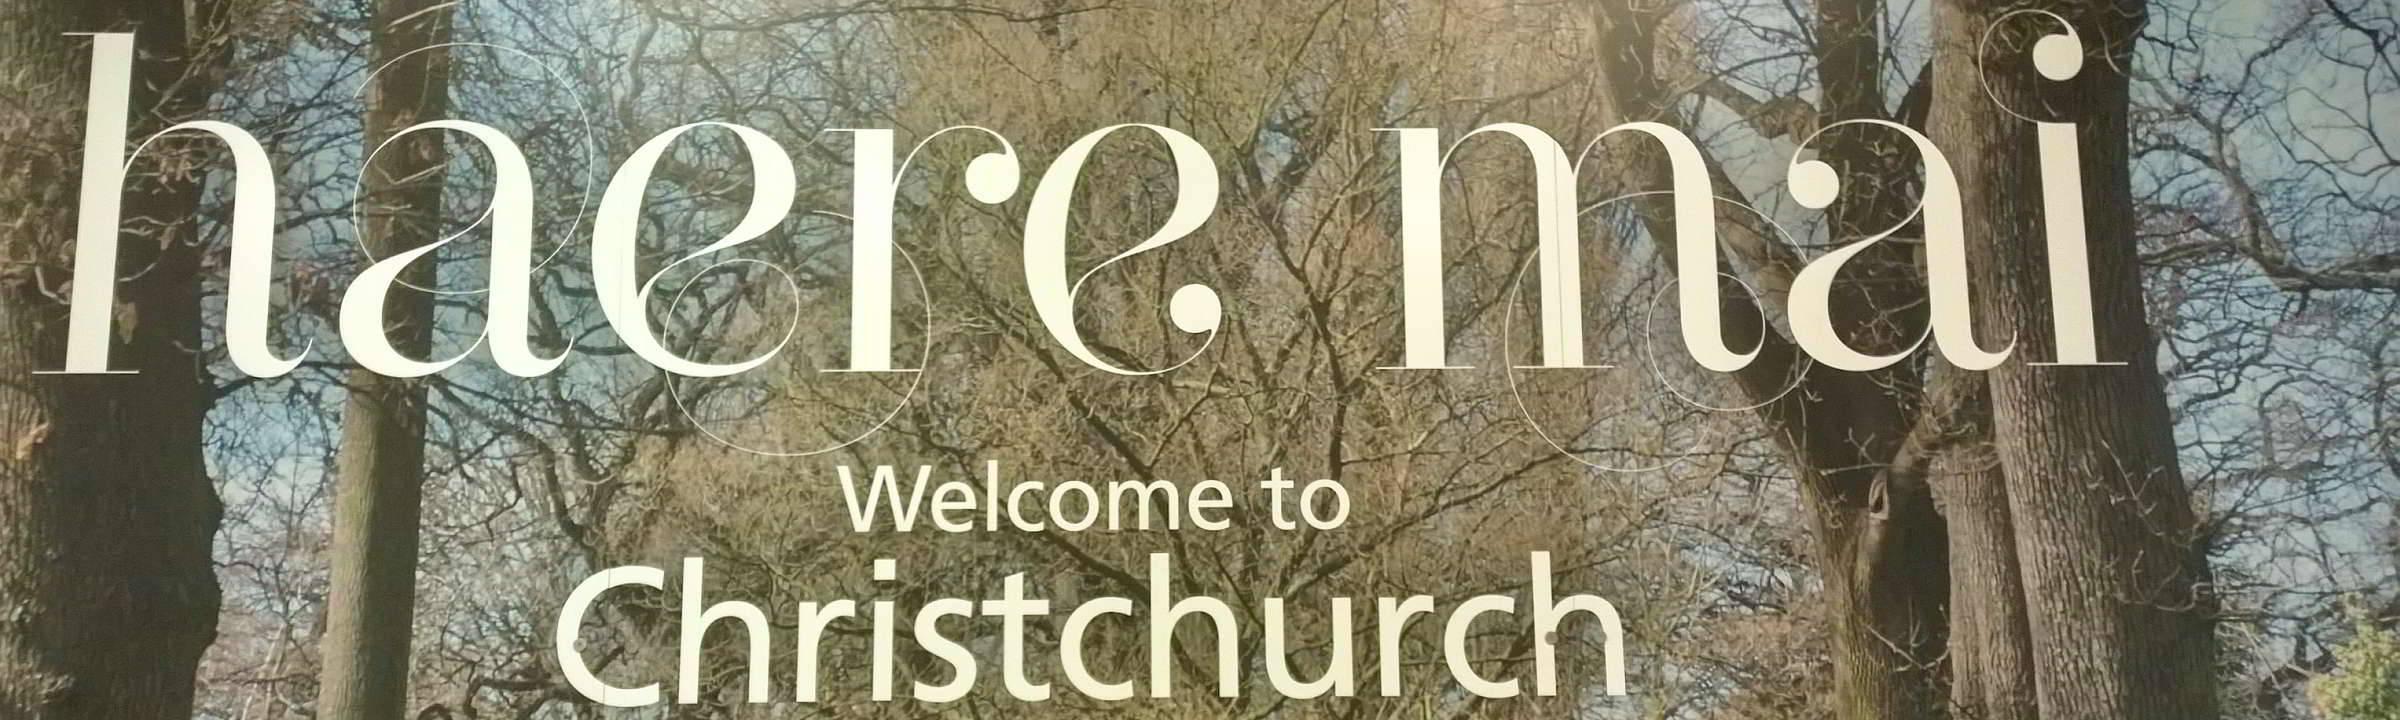 Willkommensschild am Flughafen Christchurch Neuseeland